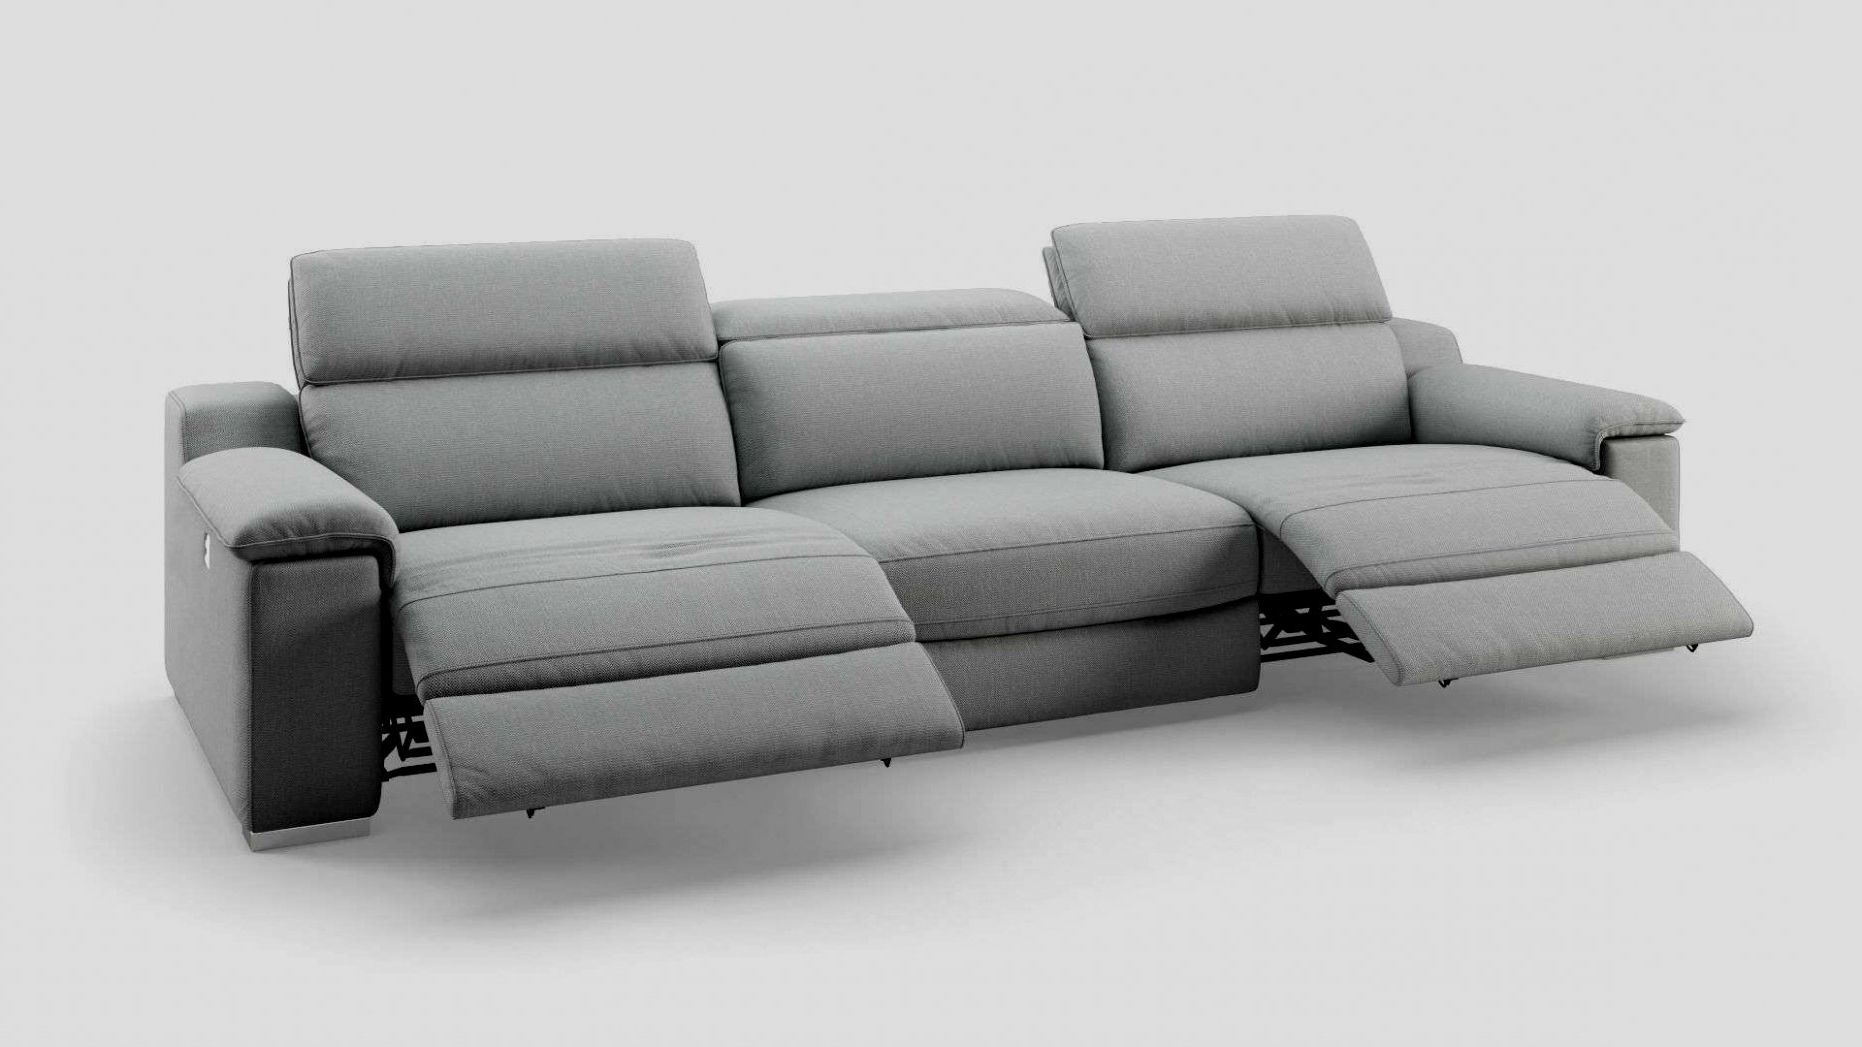 Sofas Ocasion Qwdq sofas Ocasion Vaste Segunda Mano De sofas Magnfico Couch Mit